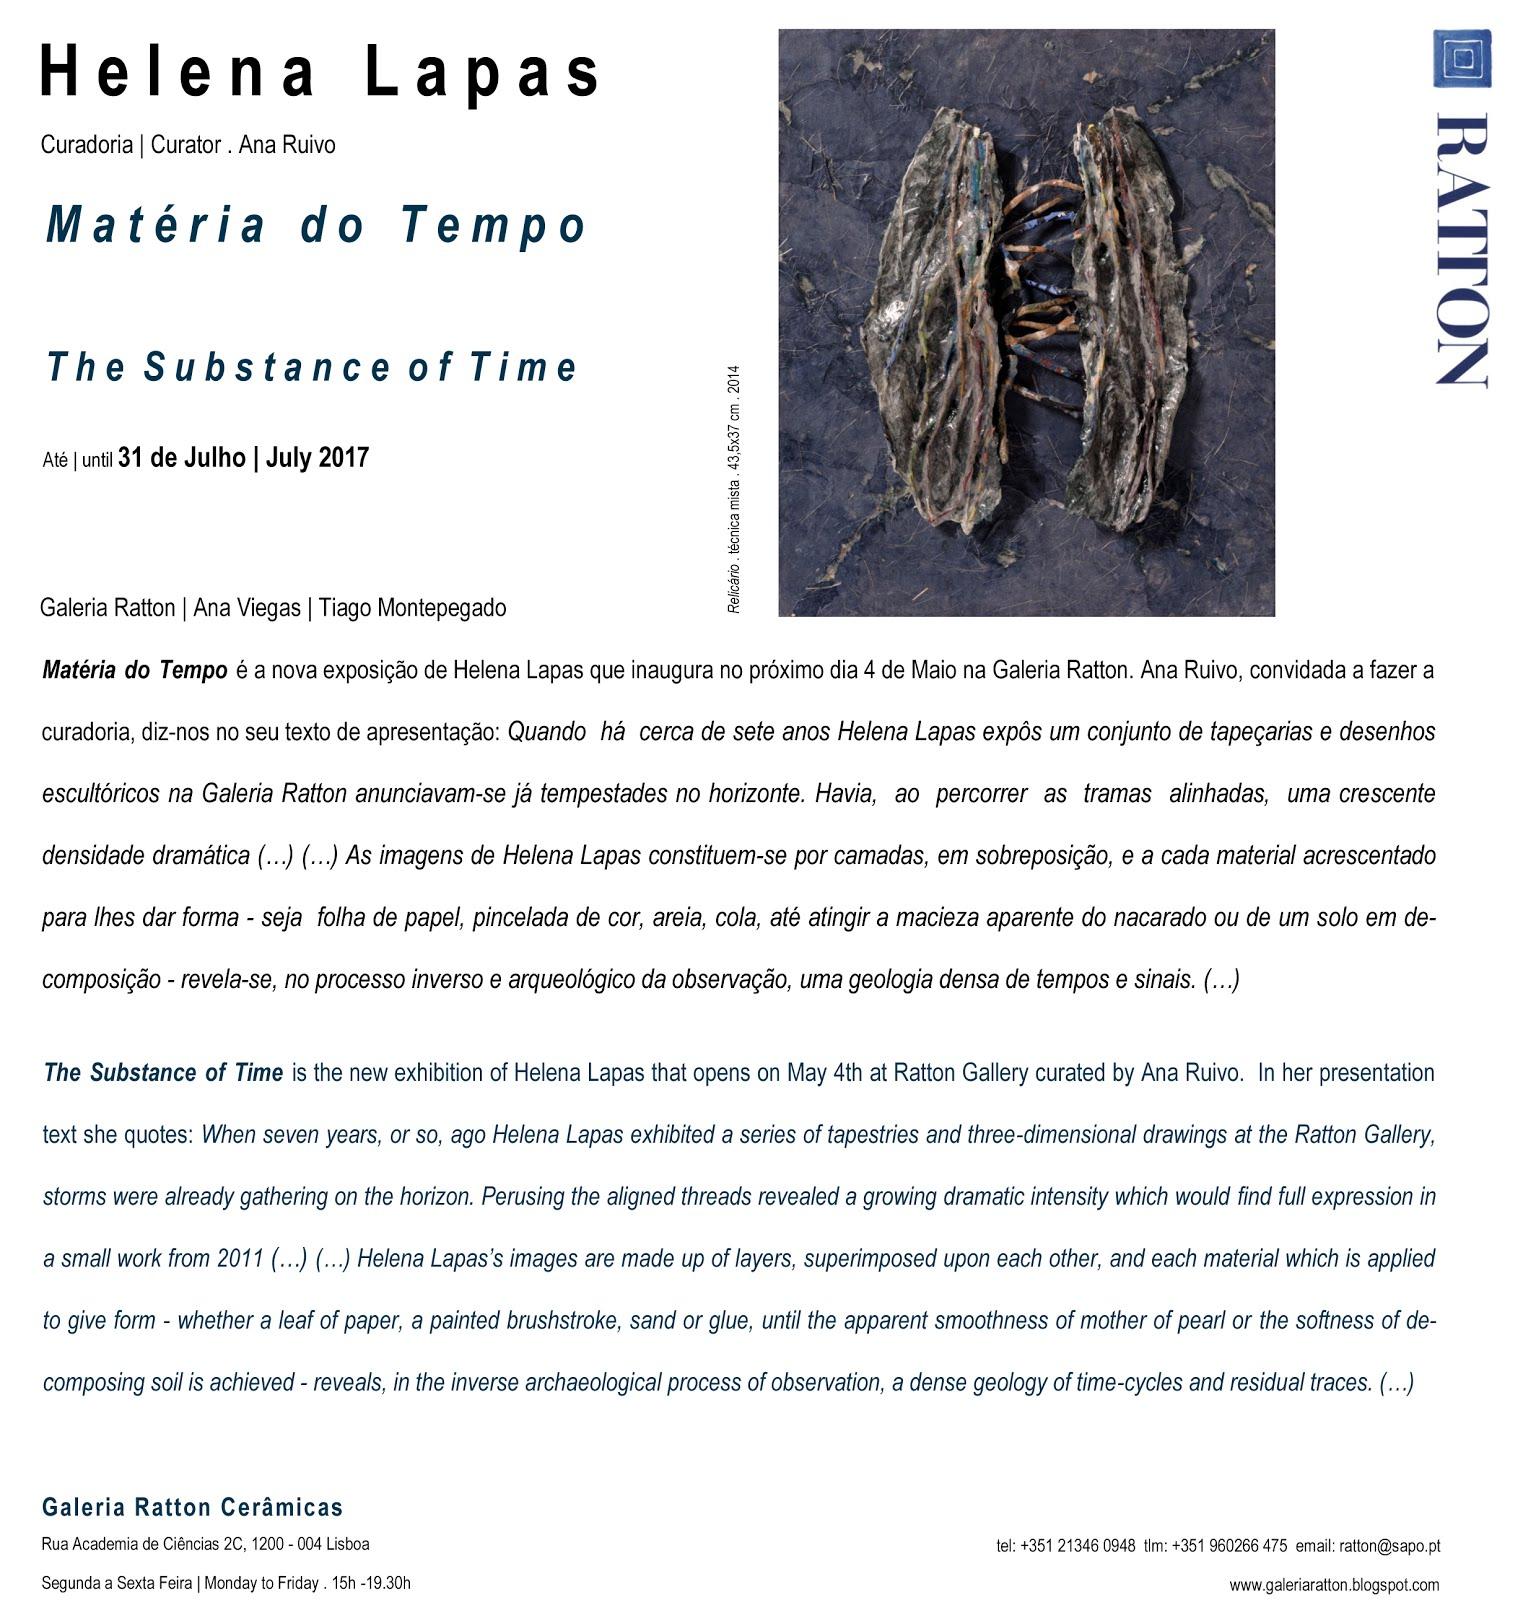 2017 . Helena Lapas . Matéria do Tempo